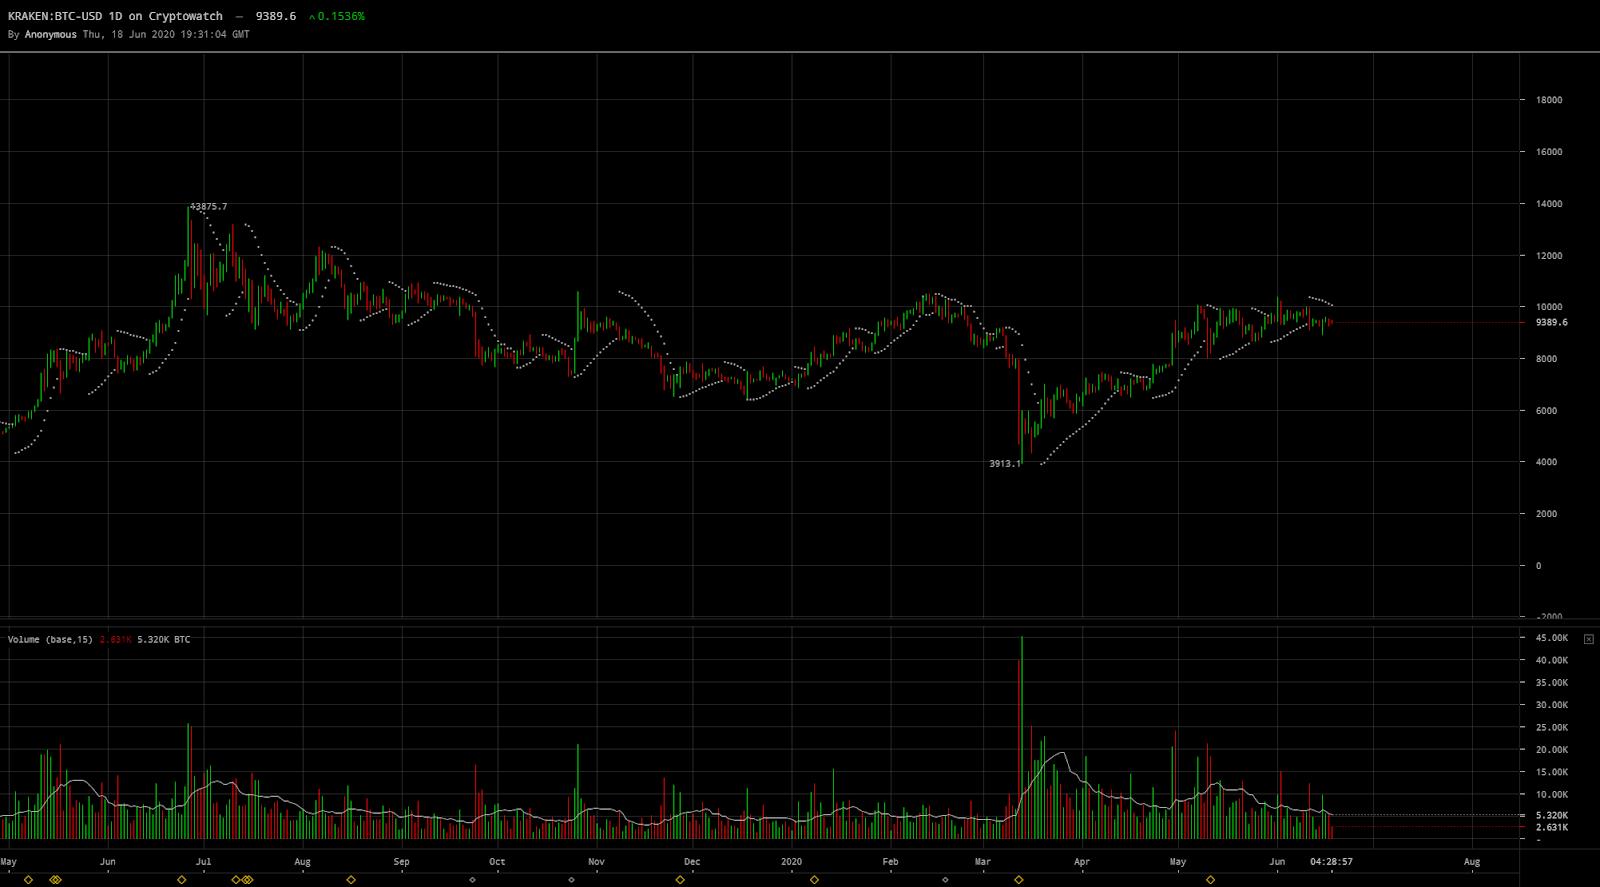 Le volume BTC-USD reste élevé chez Kraken